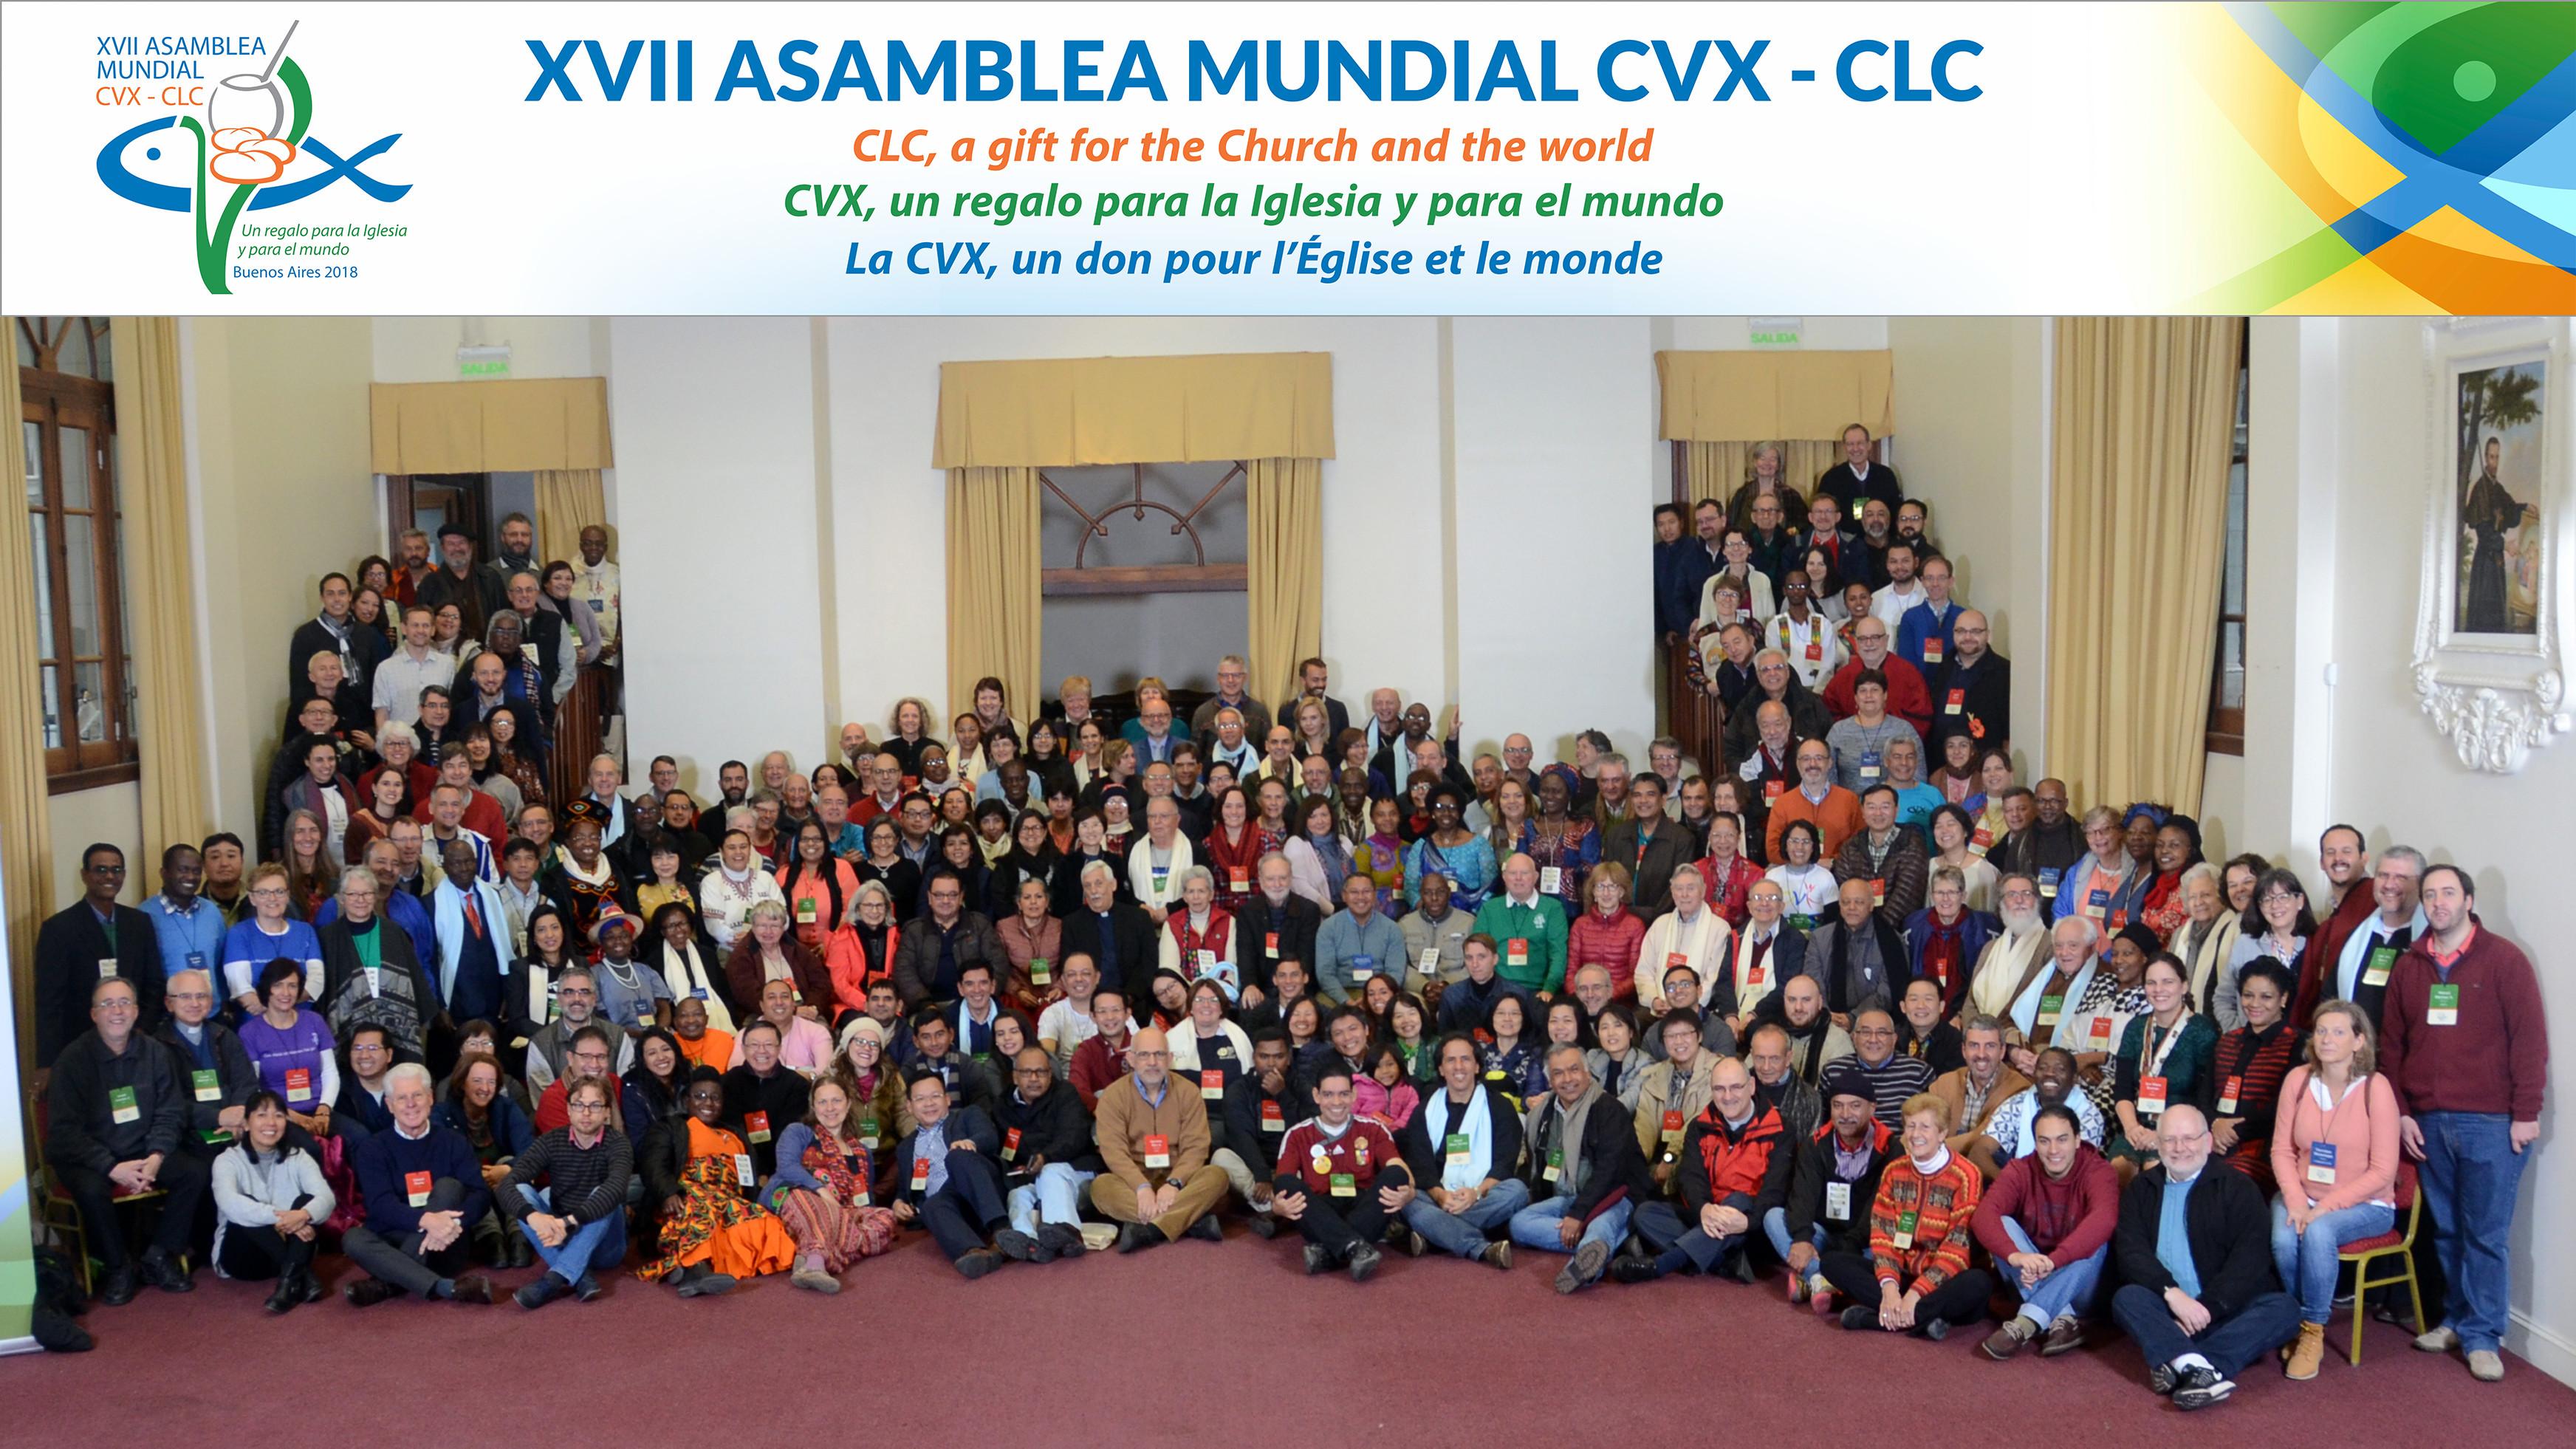 Documento Final da Assembleia Mundial 2018 - em português